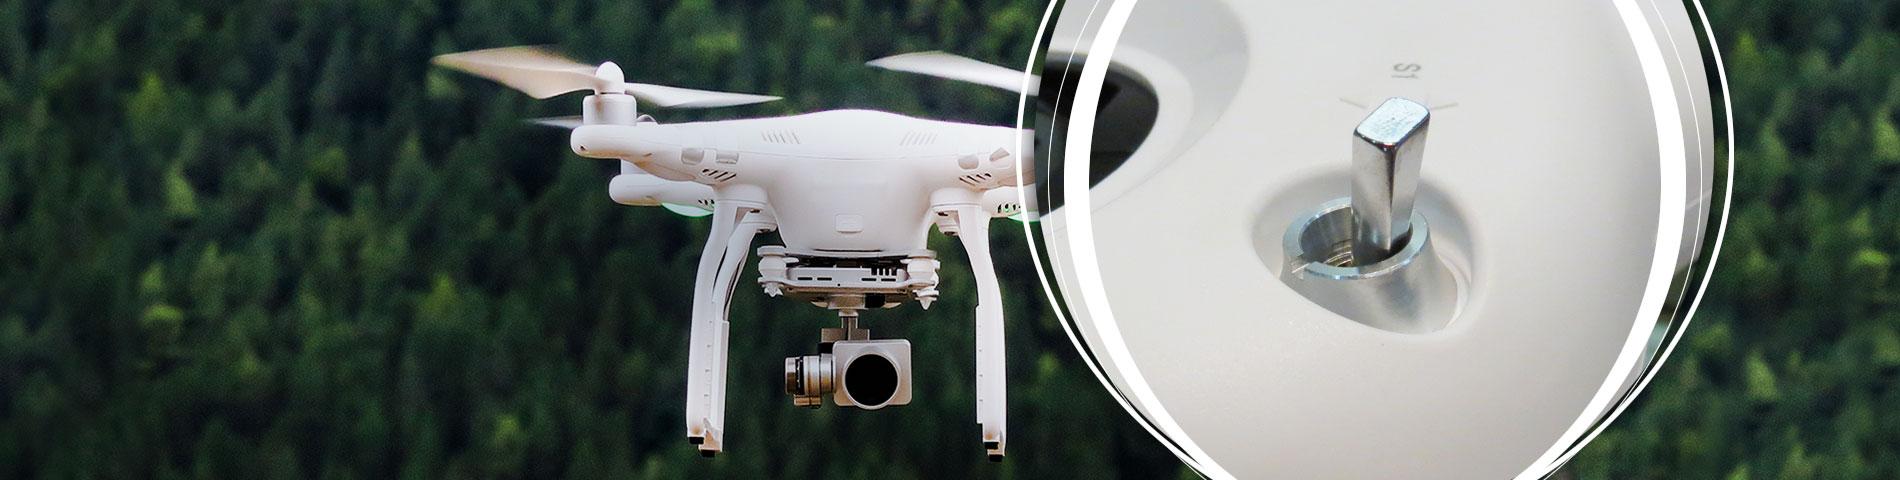 航模产业 - 适用于无人机遥控器上